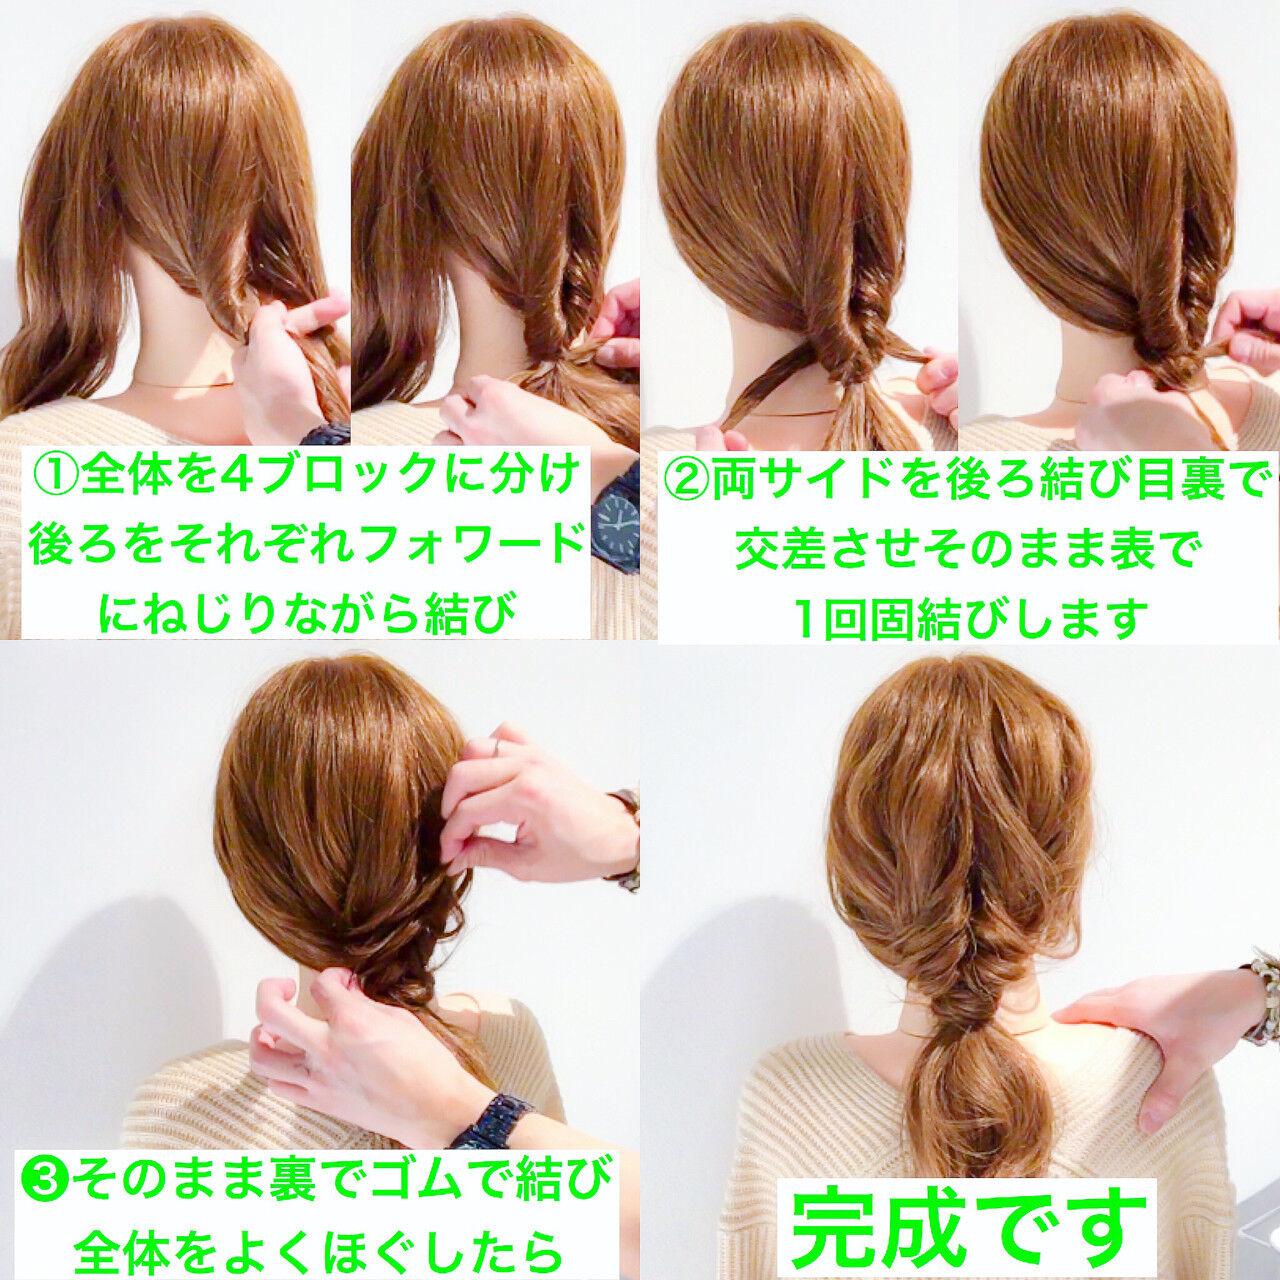 デート フェミニン ロング ヘアアレンジヘアスタイルや髪型の写真・画像